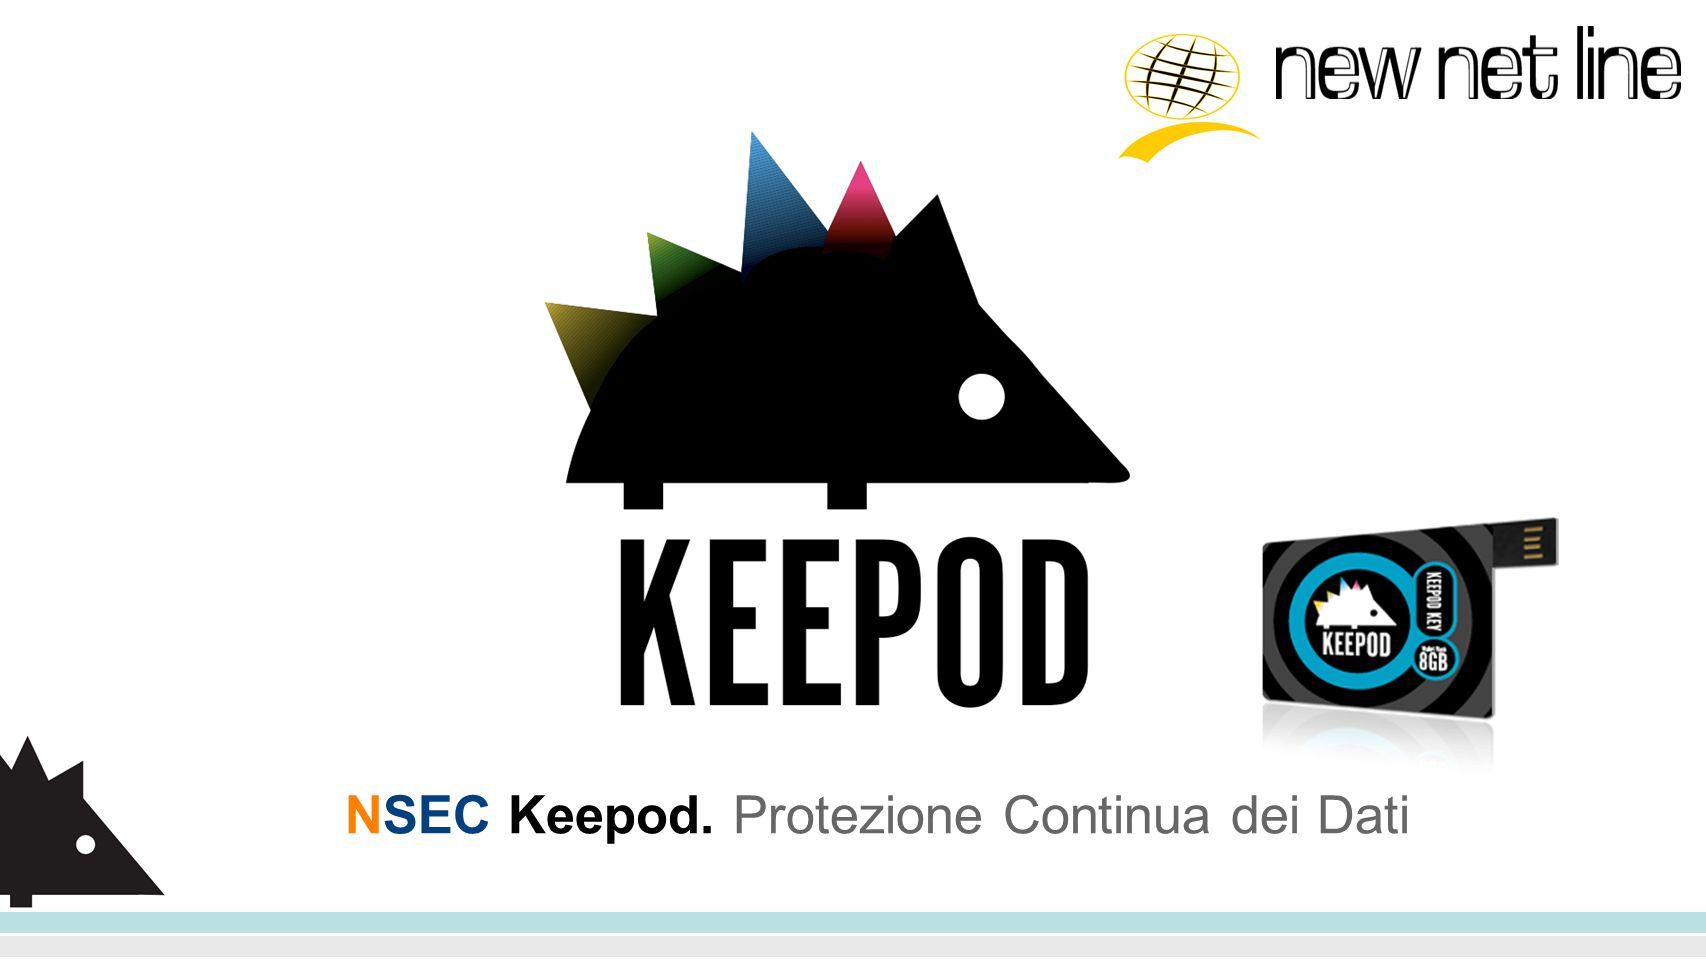 Keepod Key Keepod I tuoi file sullUSB più sottile del mondo.